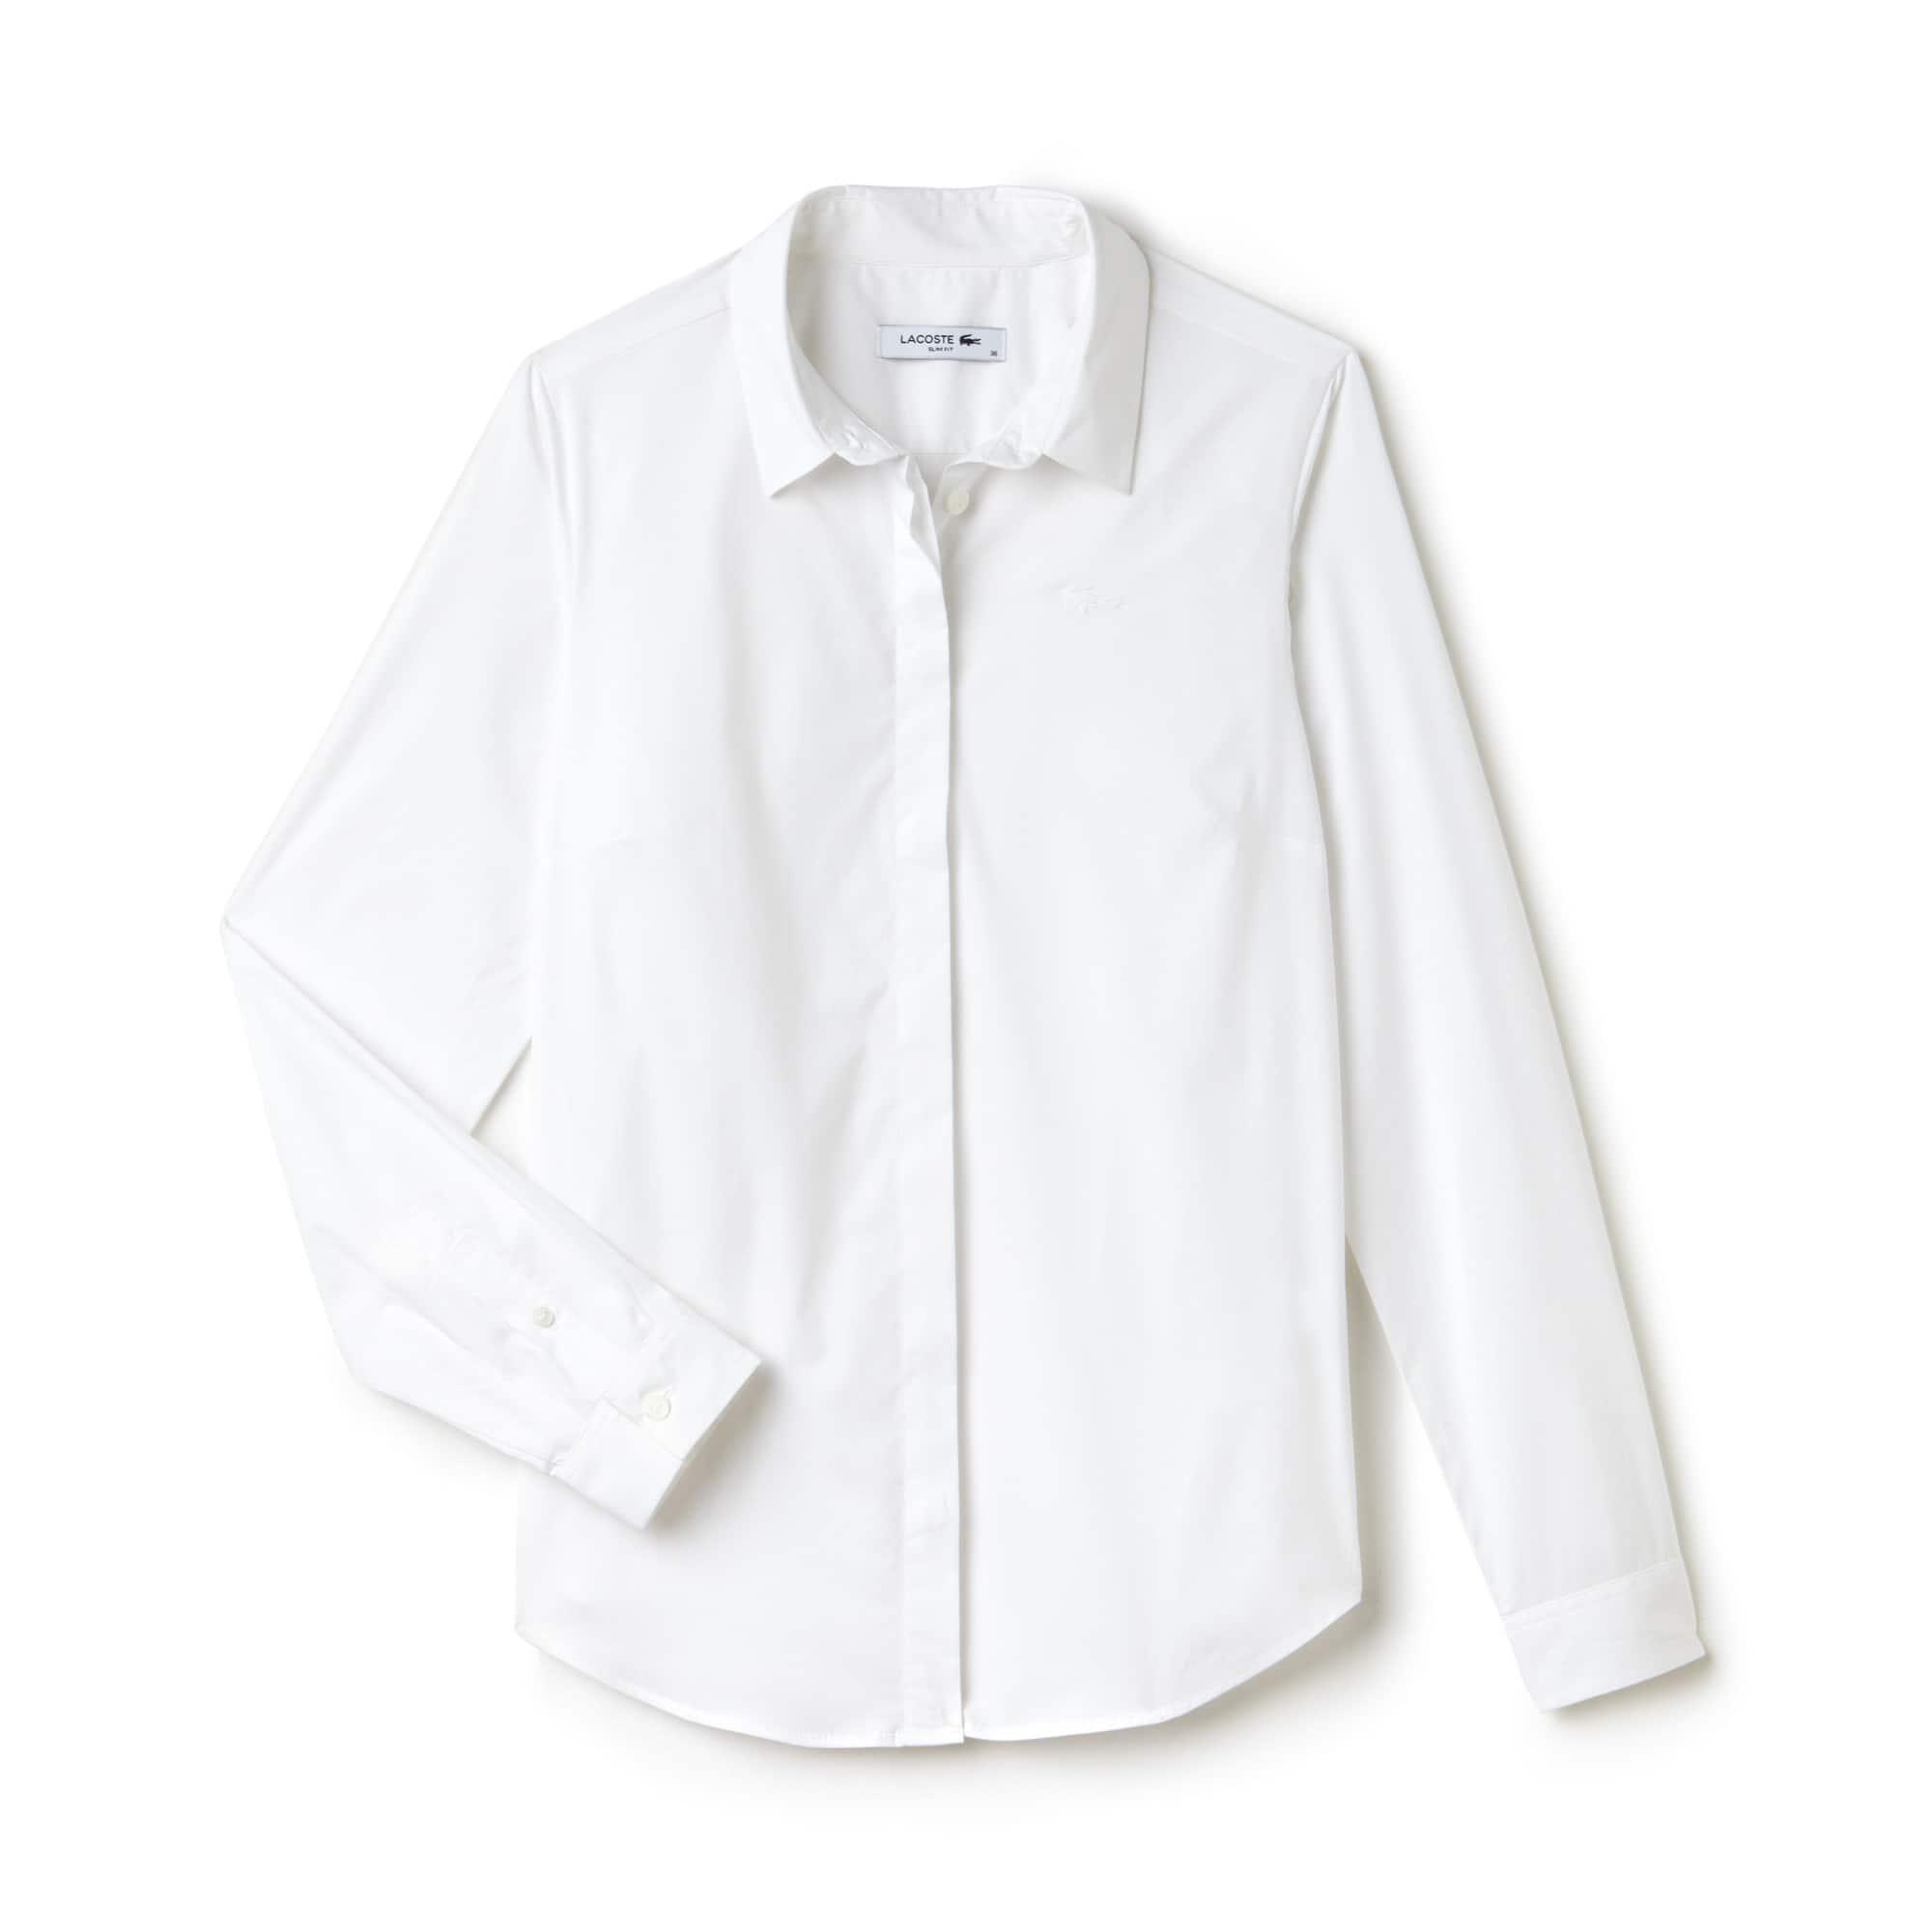 Vêtements Lacoste Femme Hauts amp; Chemises 0qwSYY